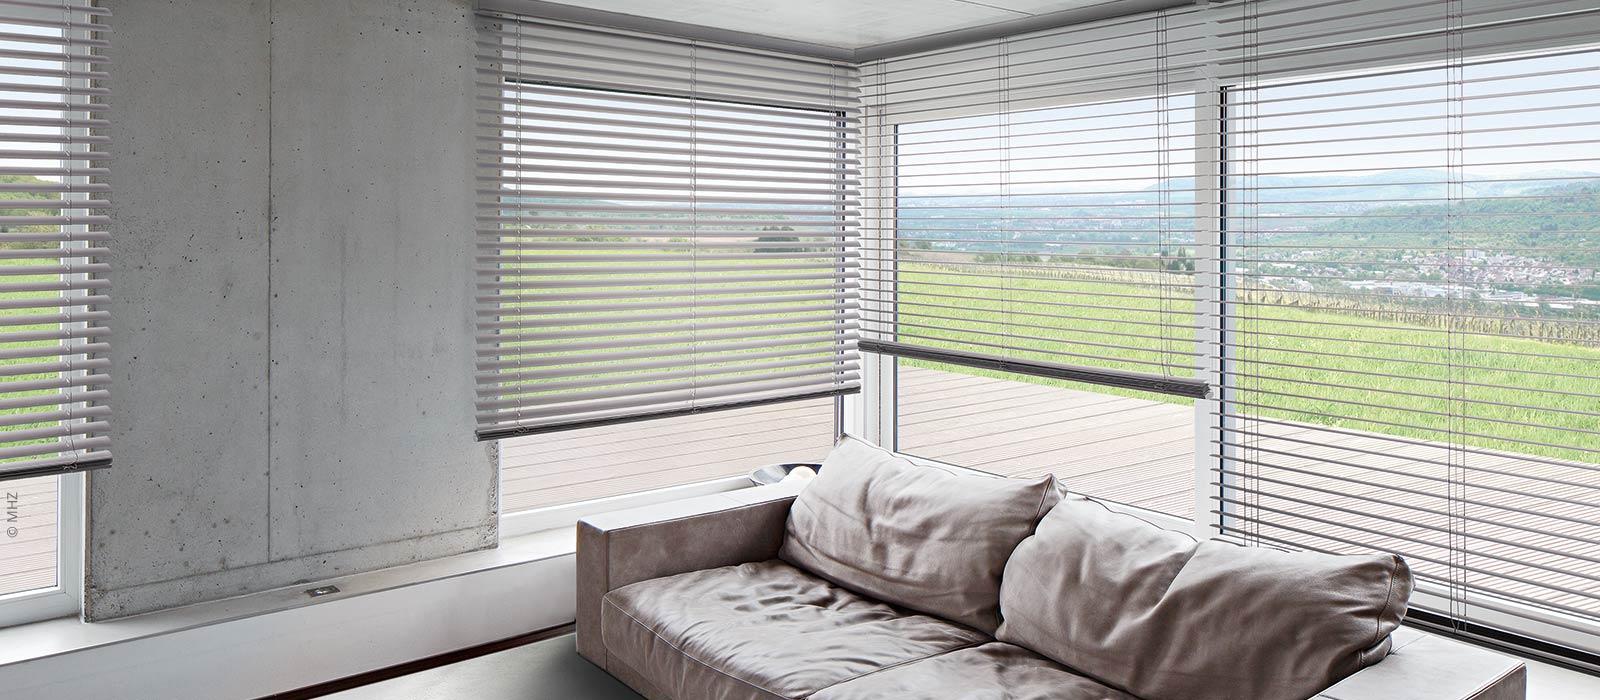 Ansicht eines modernen Wohnzimmers mit Horizontal-Jalousie